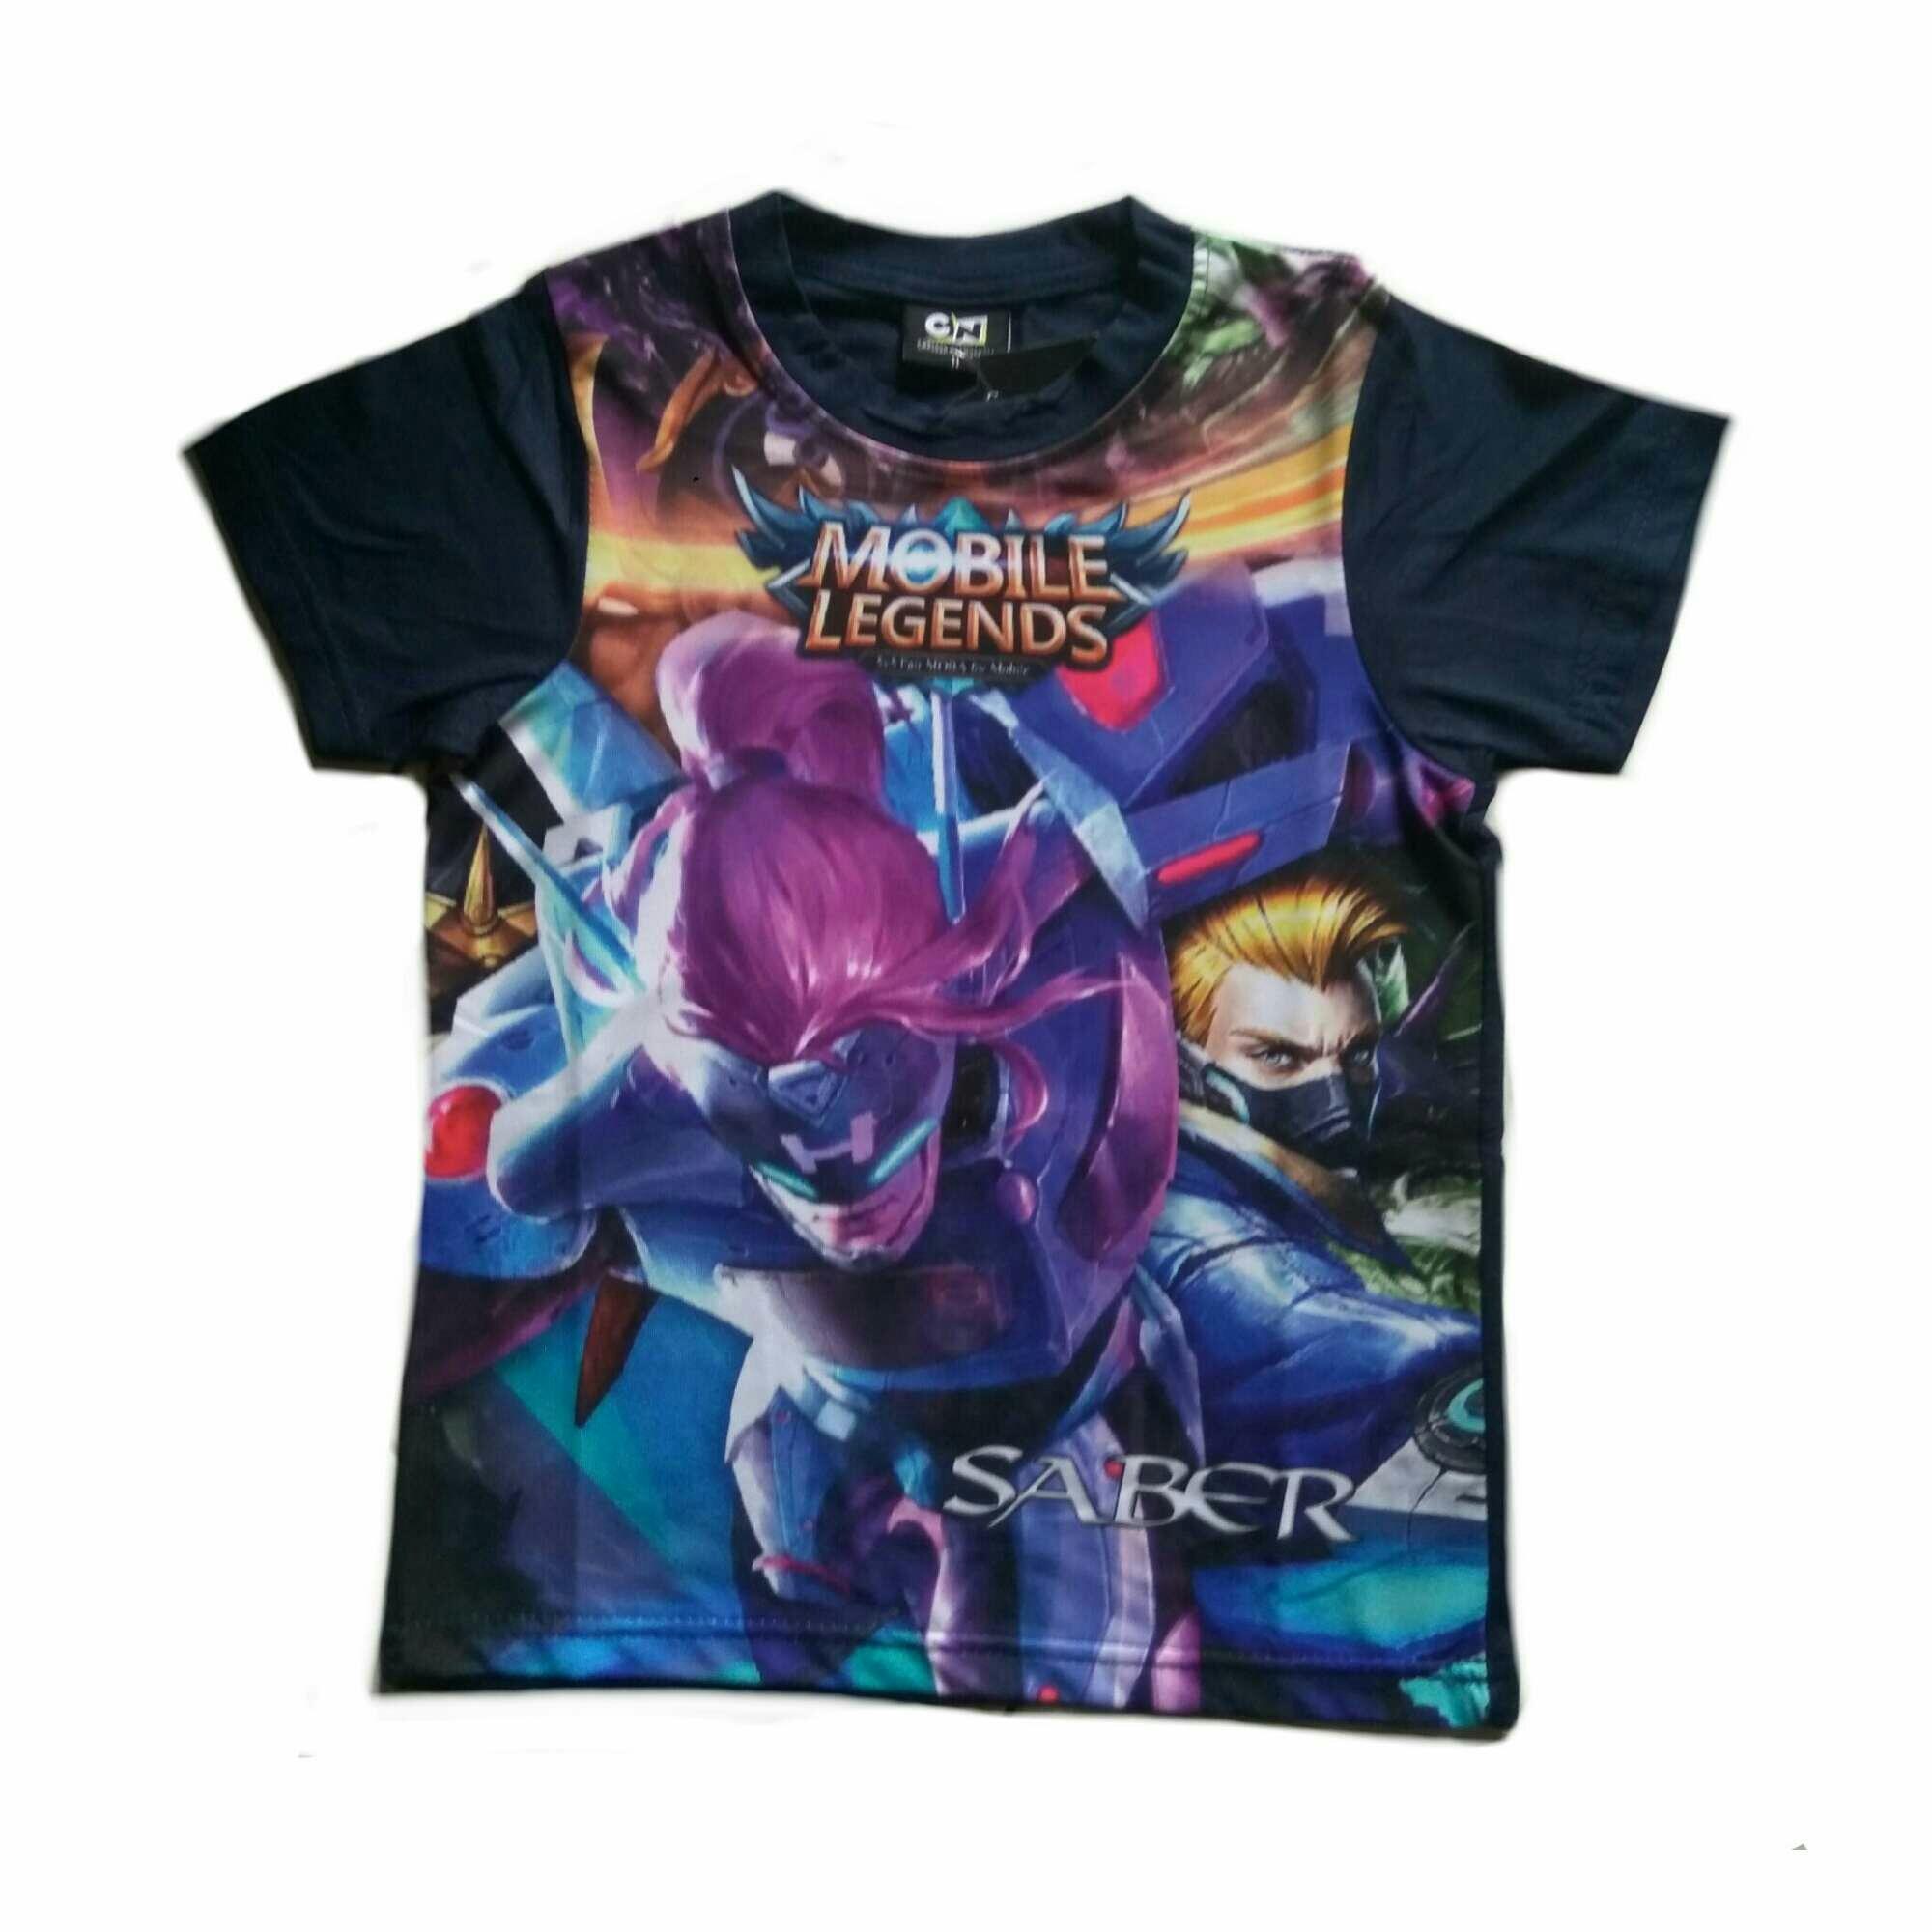 T-shirt / baju / kaos anak mobile legends atasan bahan spandex - saber hayabusa